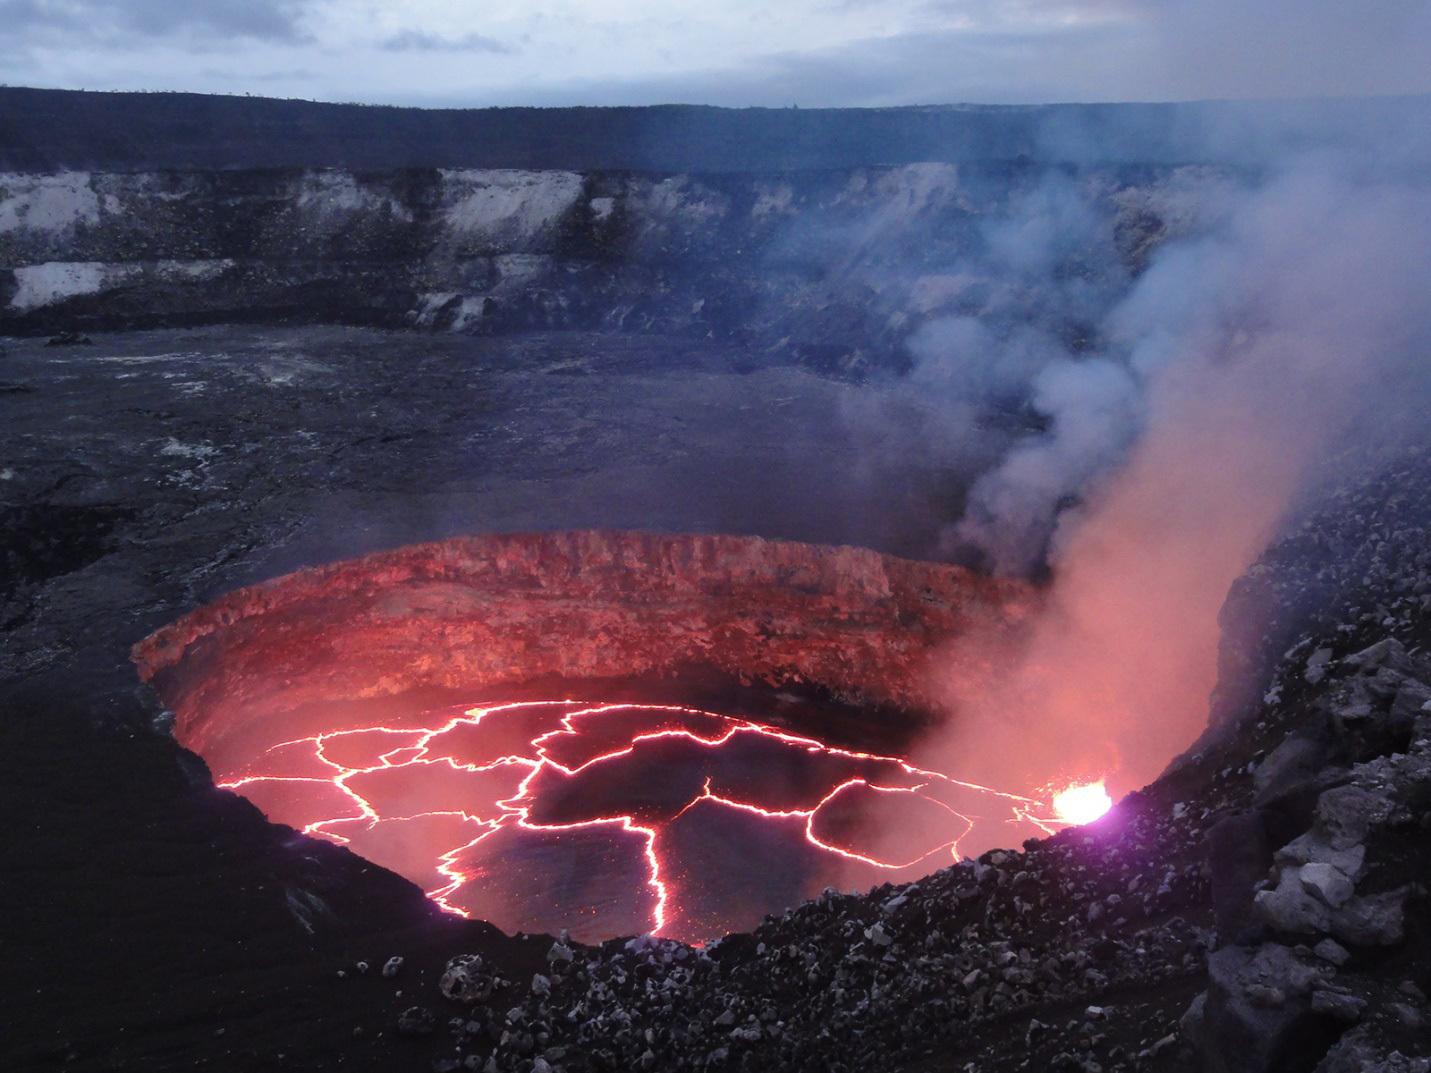 Hồ nước nóng kỳ lạ liên tục phát triển trên miệng núi lửa